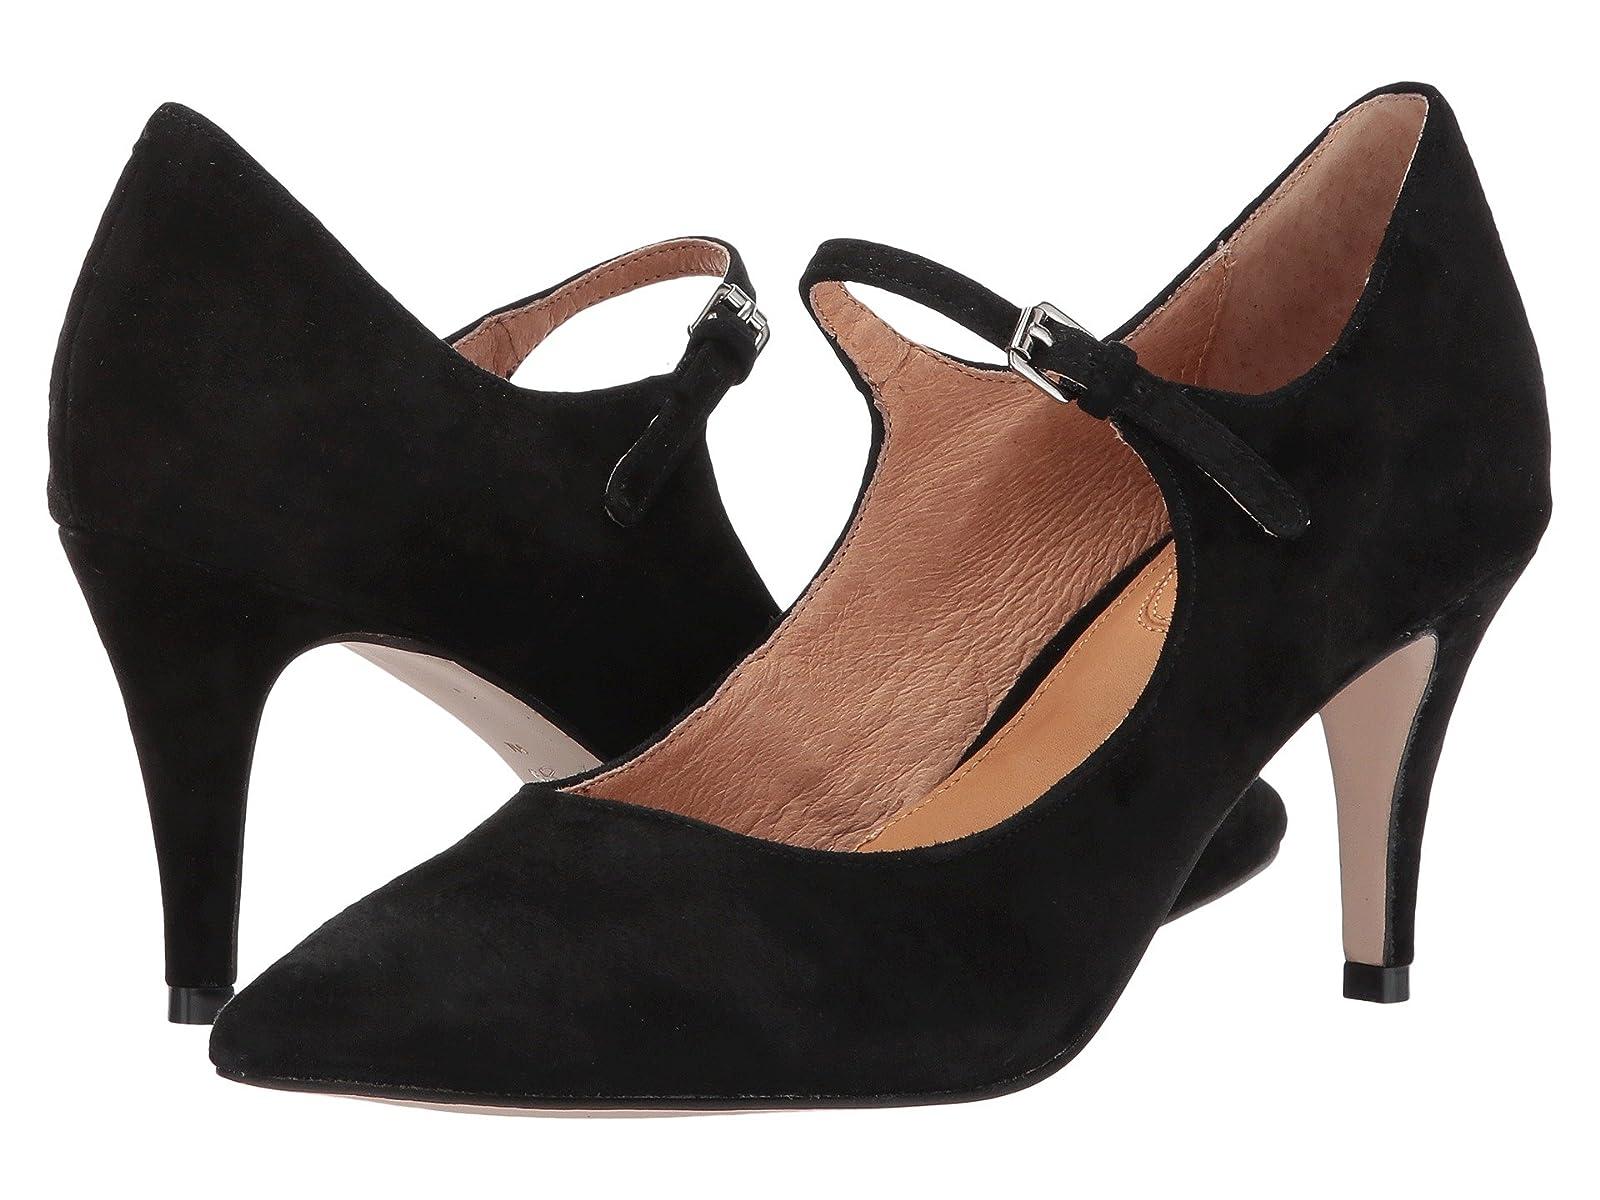 CC Corso Como CoyCheap and distinctive eye-catching shoes